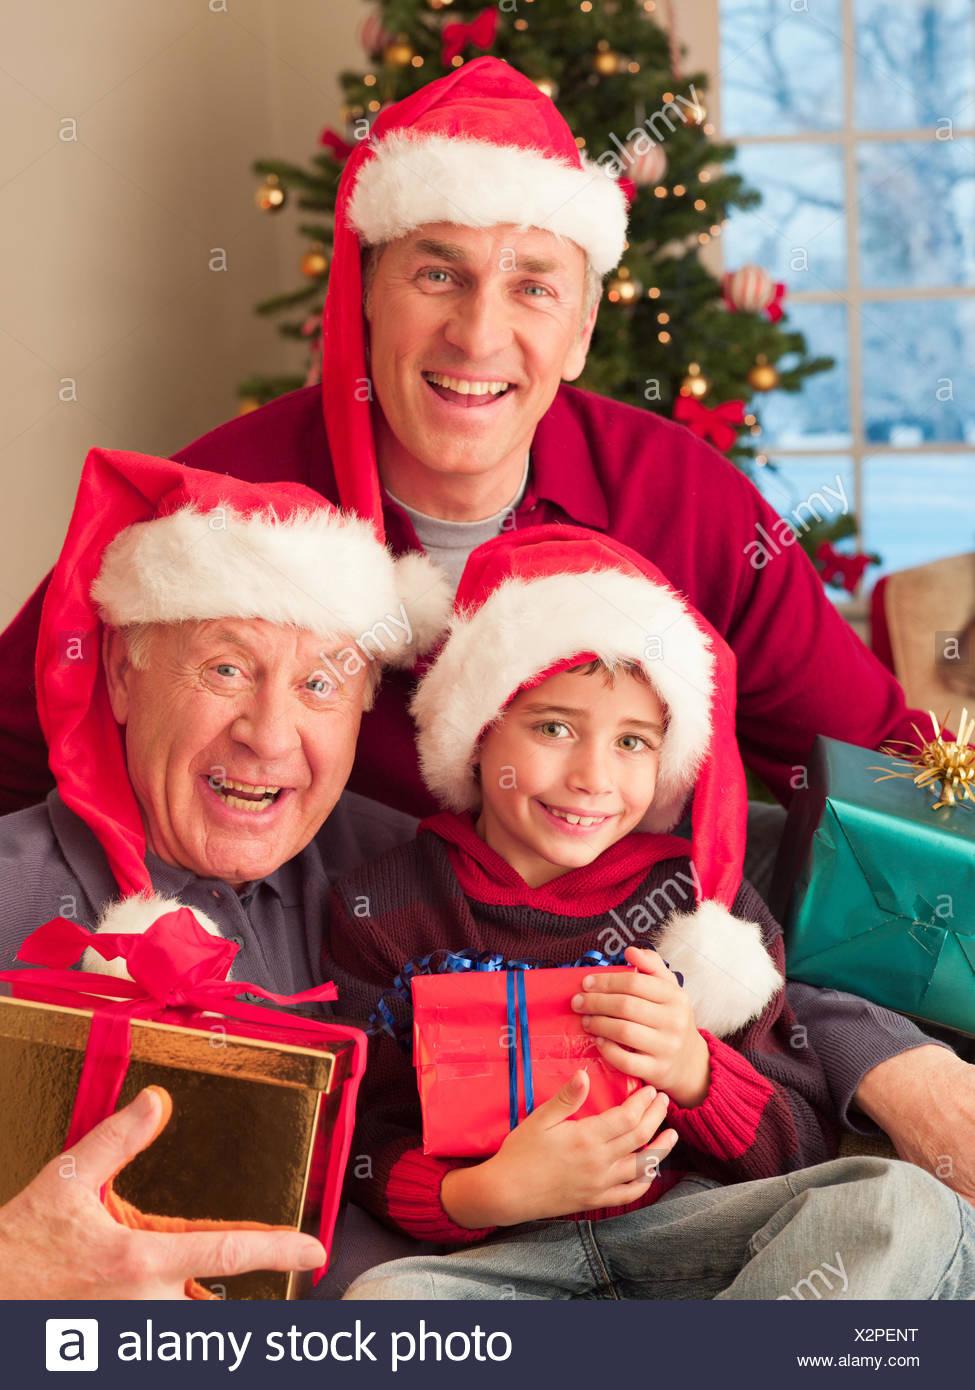 Multi-familia generación vistiendo gorro de Papá Noel y celebración de regalos de Navidad Imagen De Stock